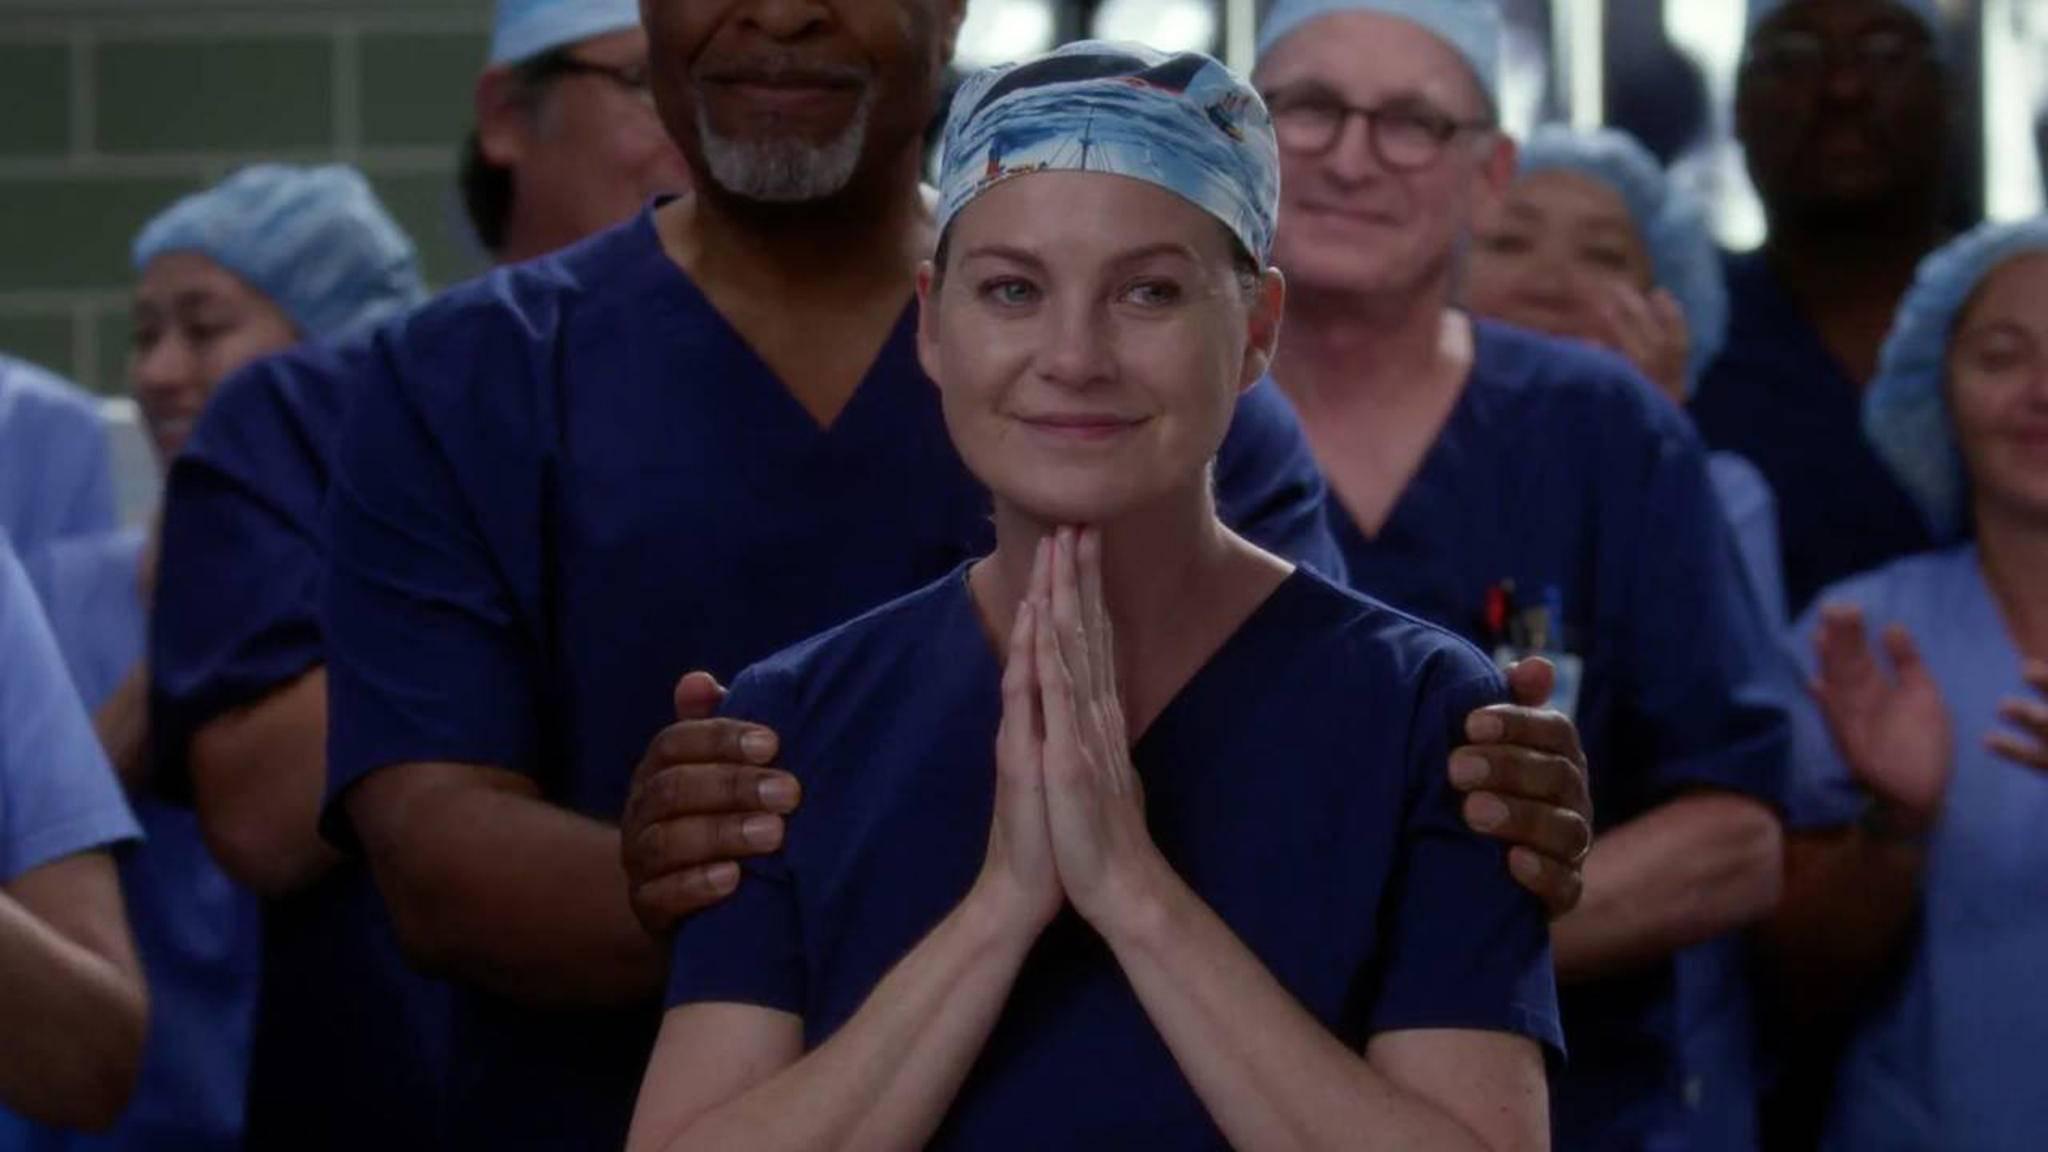 Gut gemacht, Meredith! Staffel 15 hat mir wieder gefallen – und bestimmt auch vielen anderen Fans.